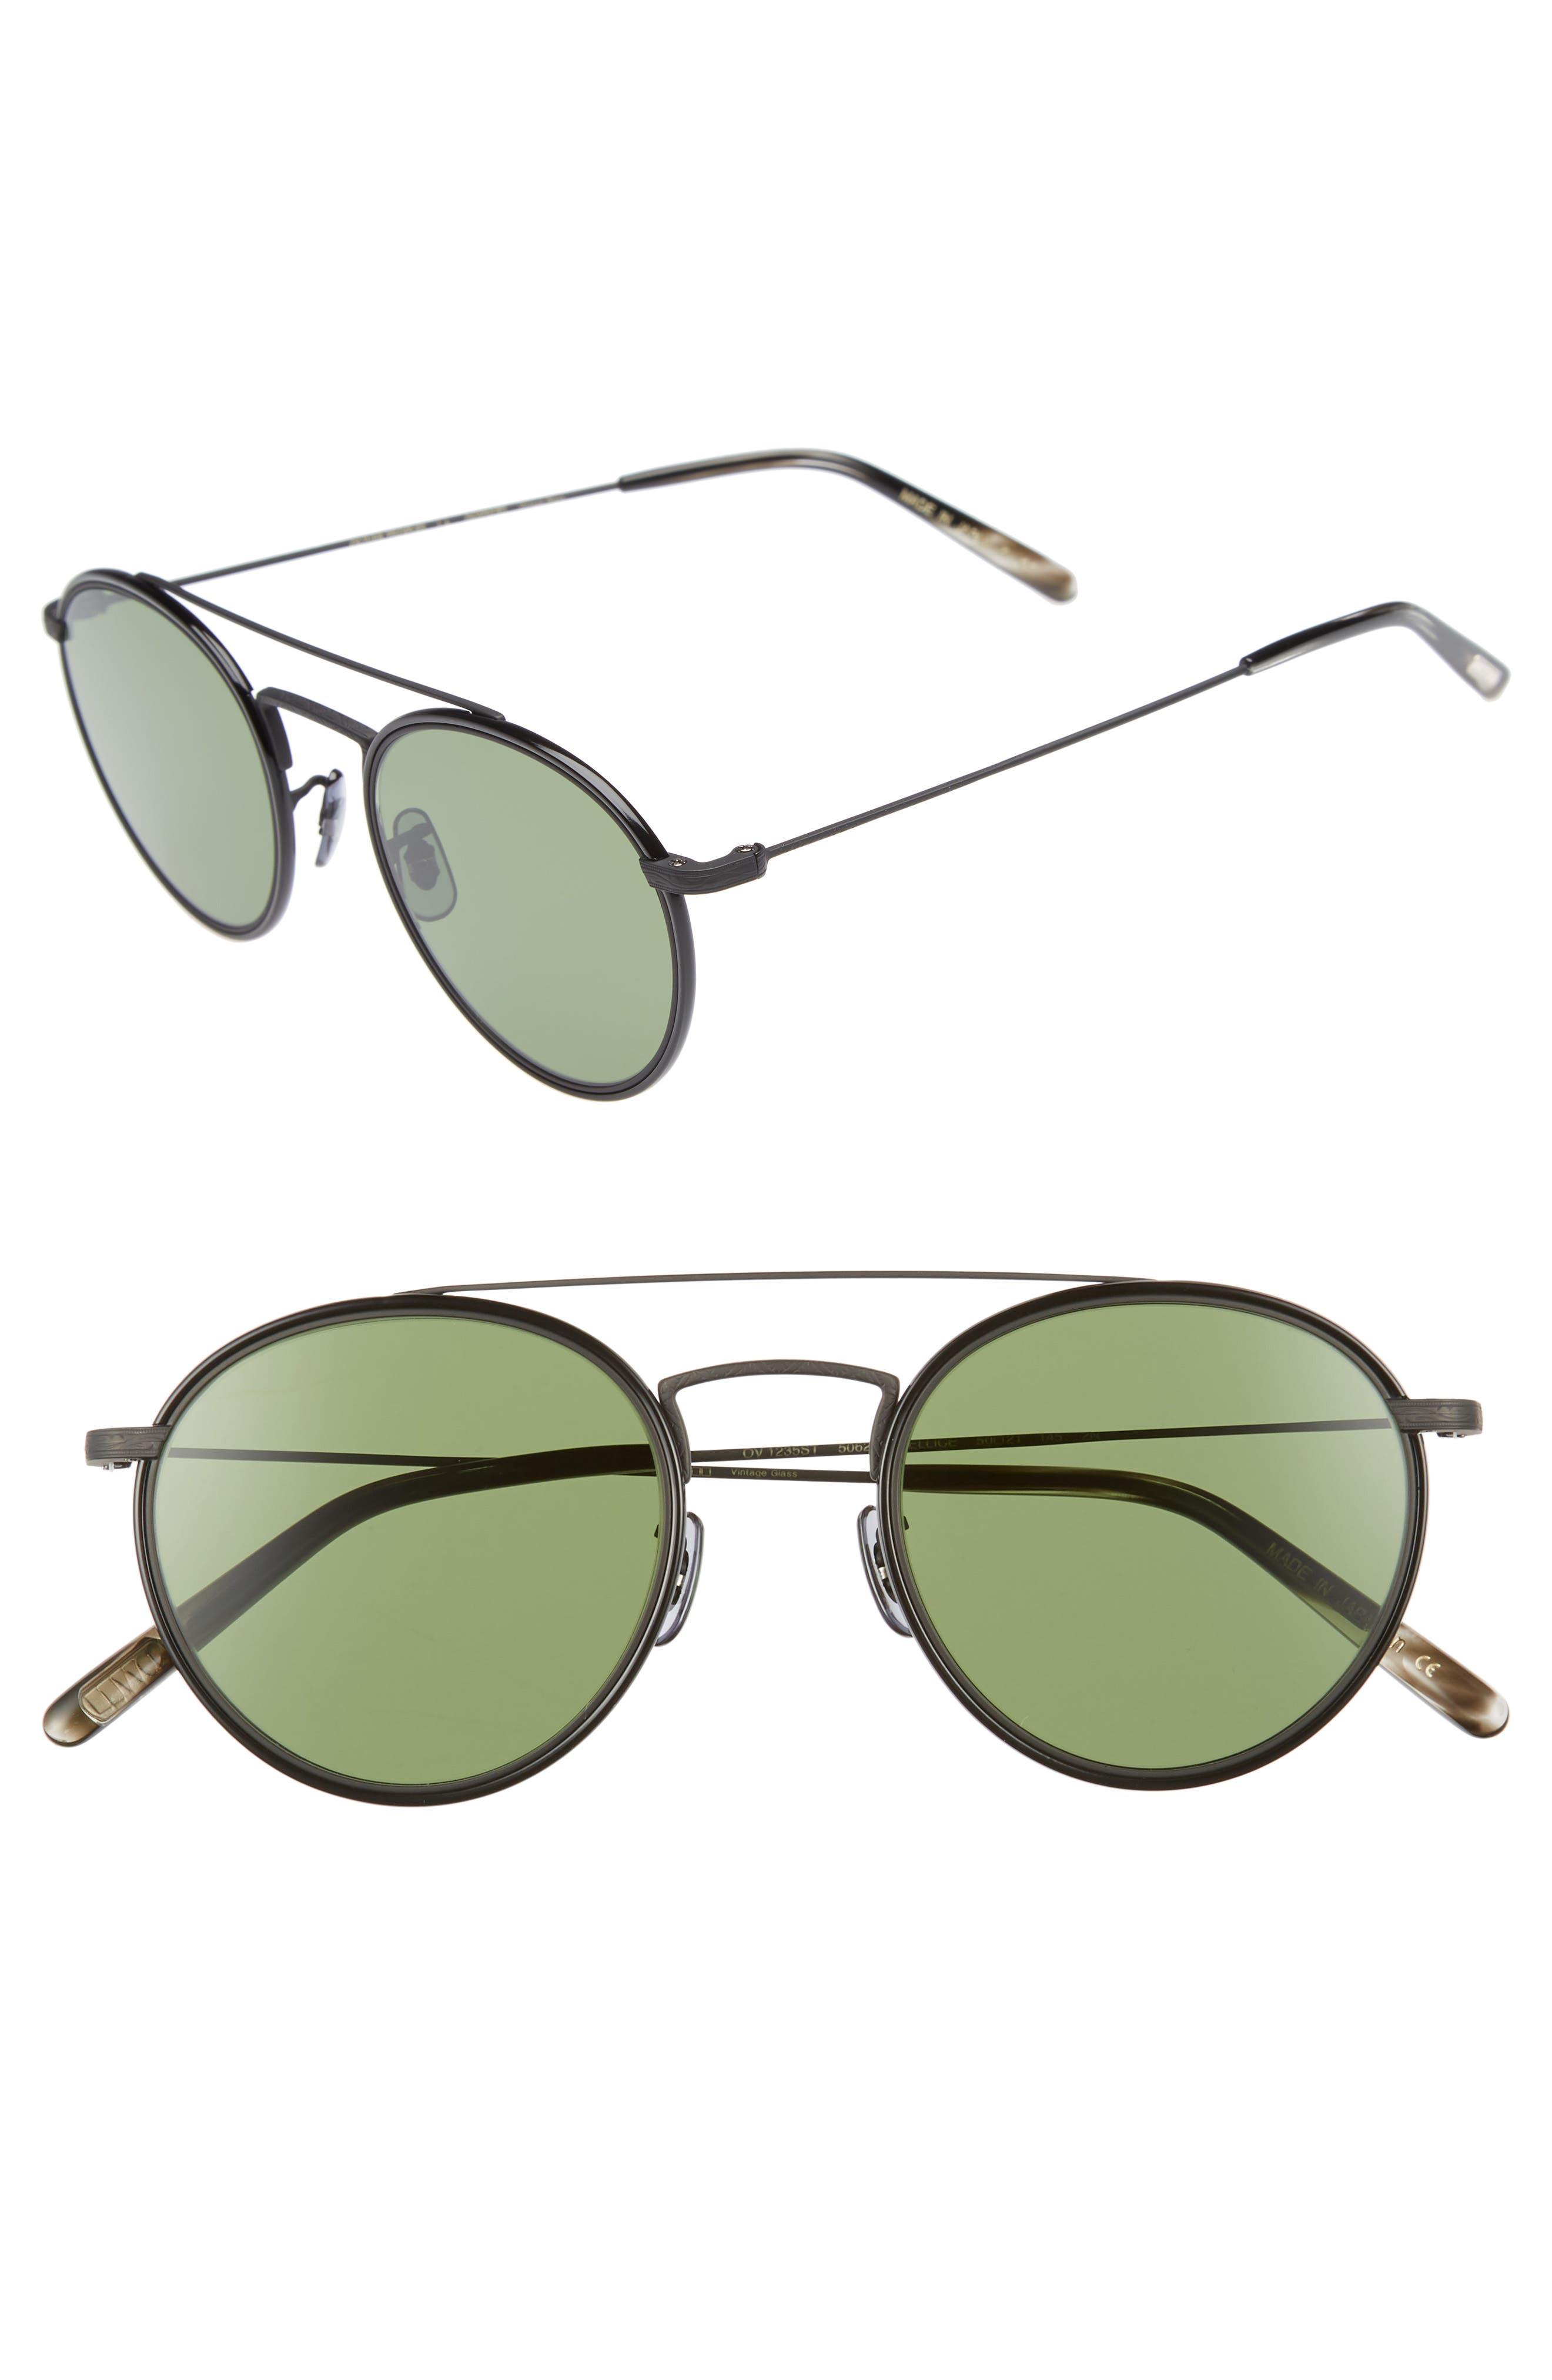 Ellice 50mm Round Sunglasses,                             Main thumbnail 1, color,                             Matte Black